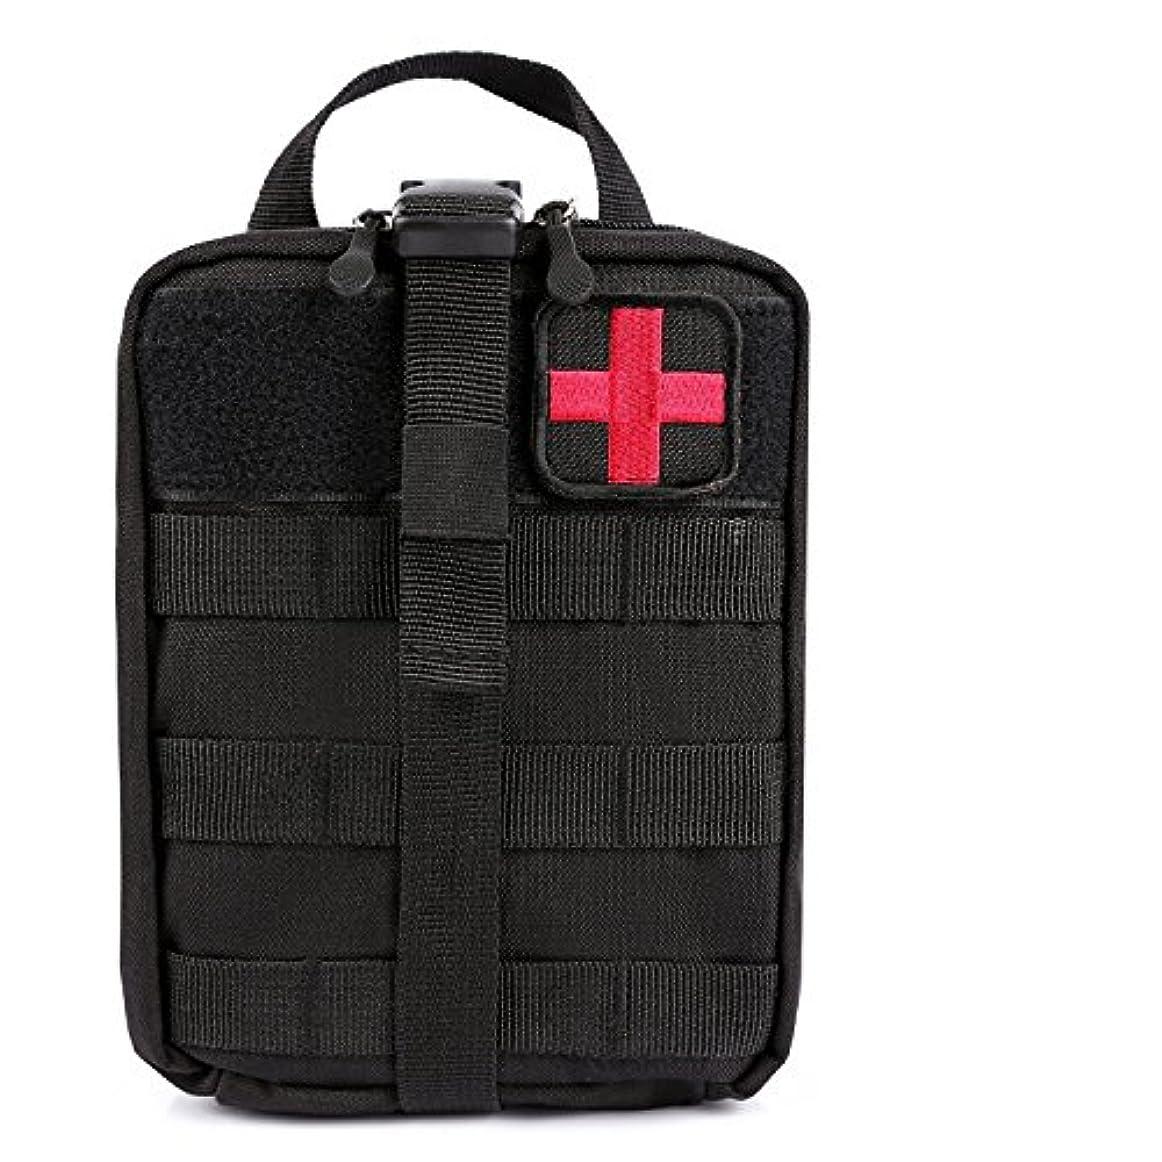 存在するインシデントあなたのものMosie 医療ポーチ - 戦術MOLLEイパックEMTユーティリティバッグ、応急処置パッチとせん断リップアウェイ医療応急処置キットユーティリティバッグ1000Dナイロン